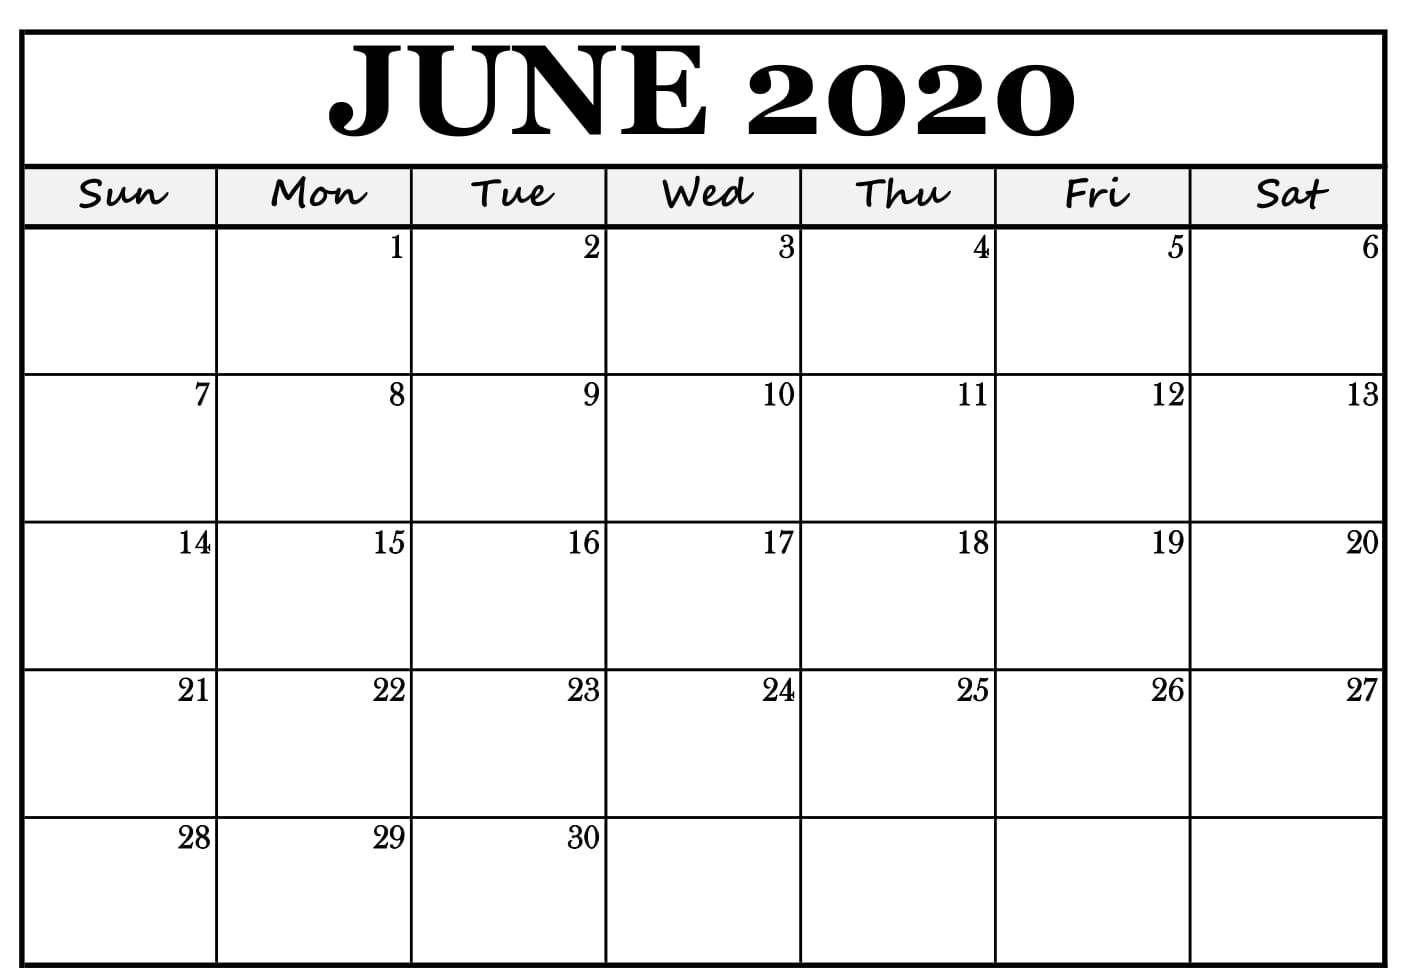 Blank Calendar Template June 2020 June Junecalendar June2020